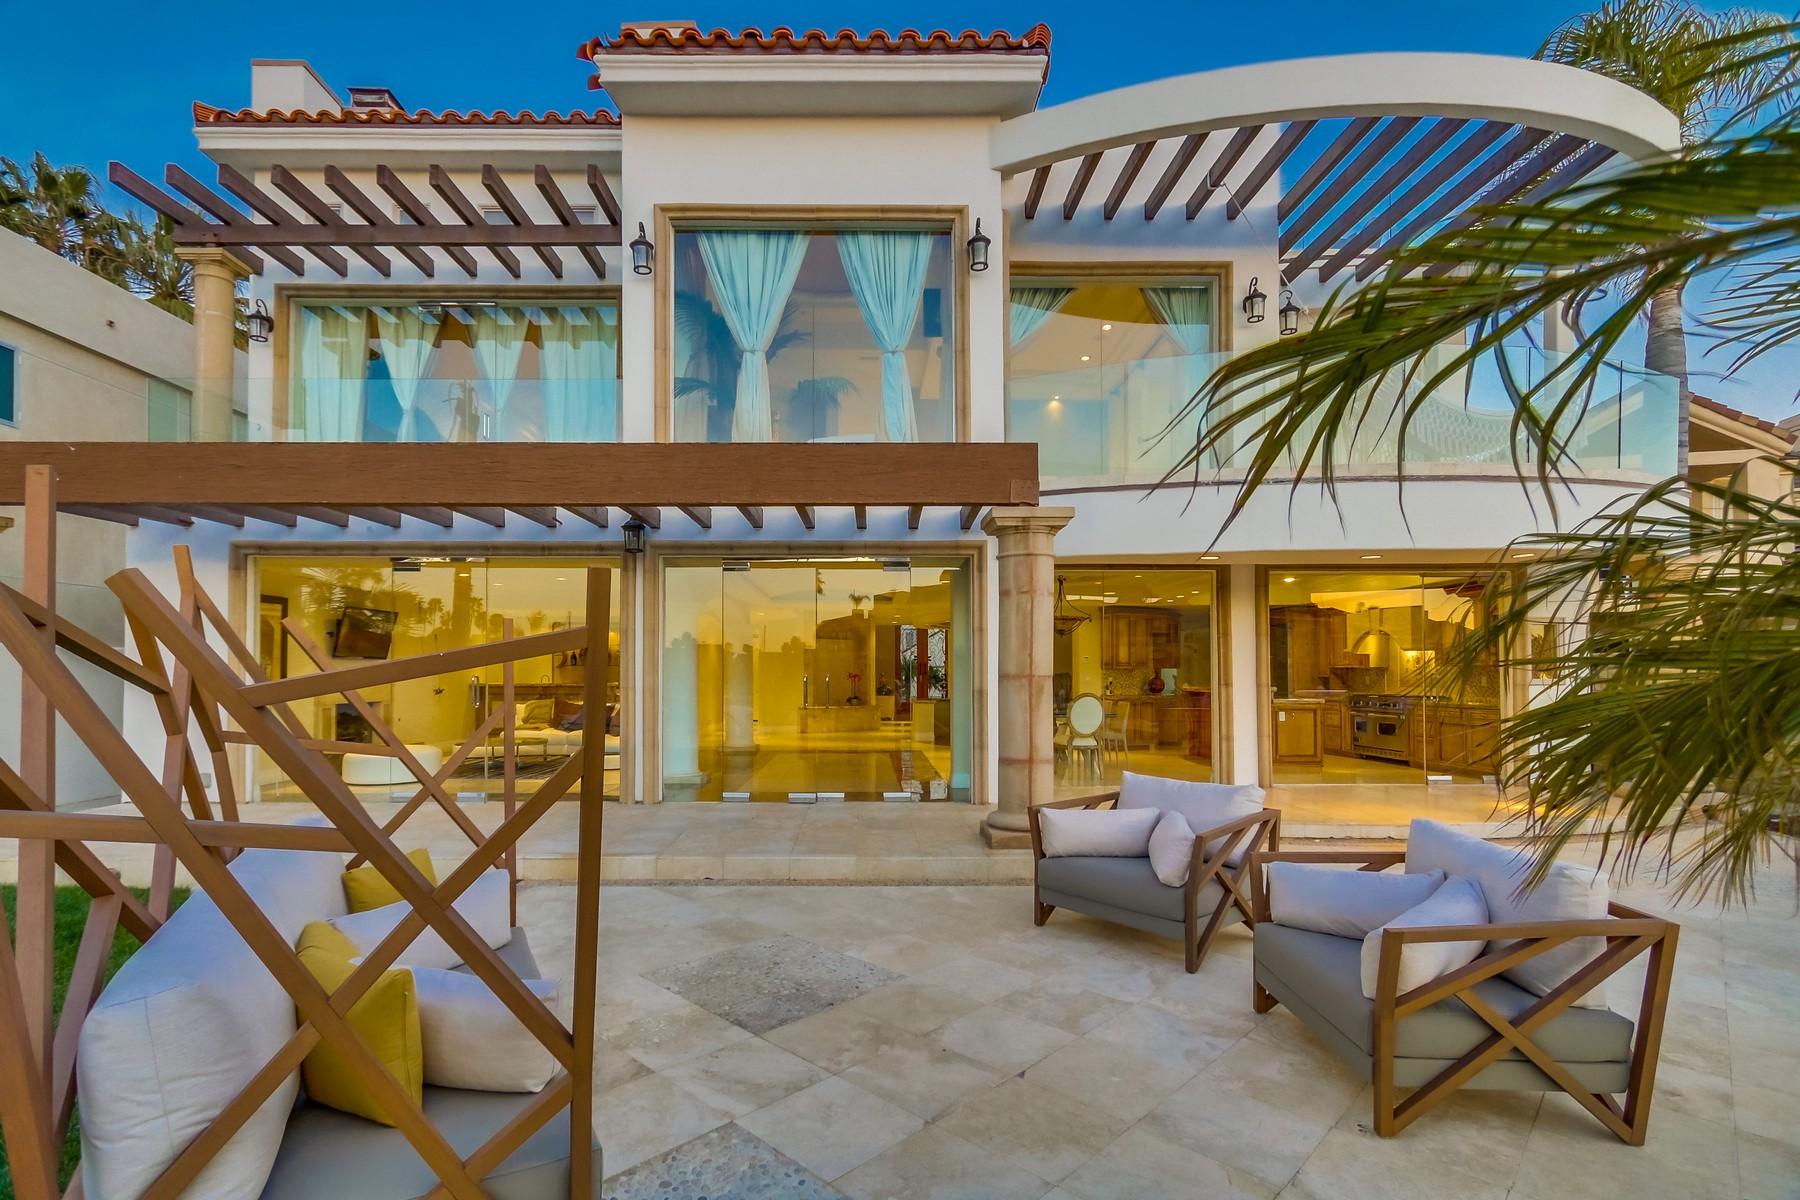 Villa per Vendita alle ore 14 Spinnaker Way Coronado, California, 92118 Stati Uniti